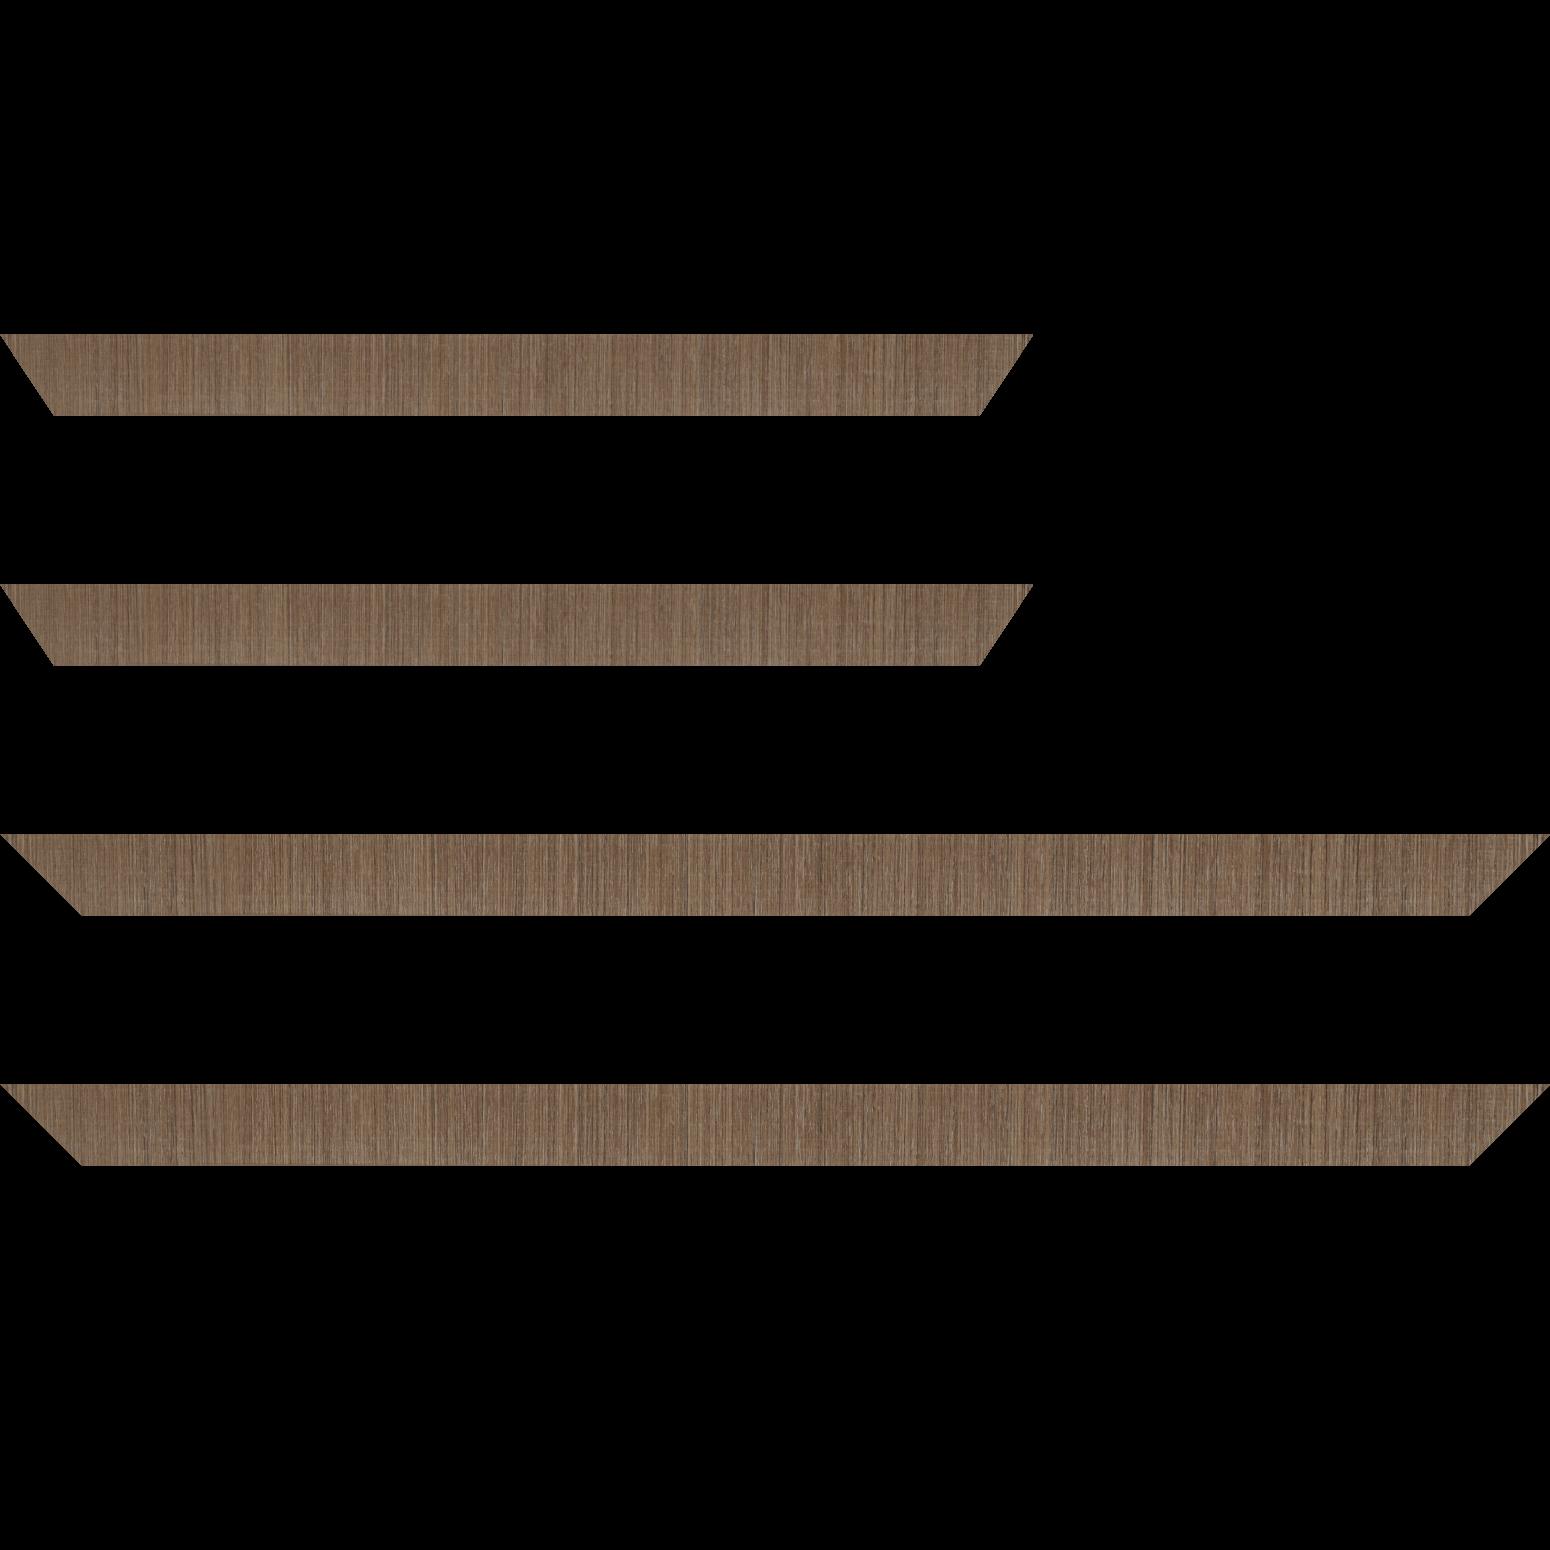 Baguette service précoupé Bois profil incurvé largeur 2.8cm plaquage haut de gamme teck blanchi